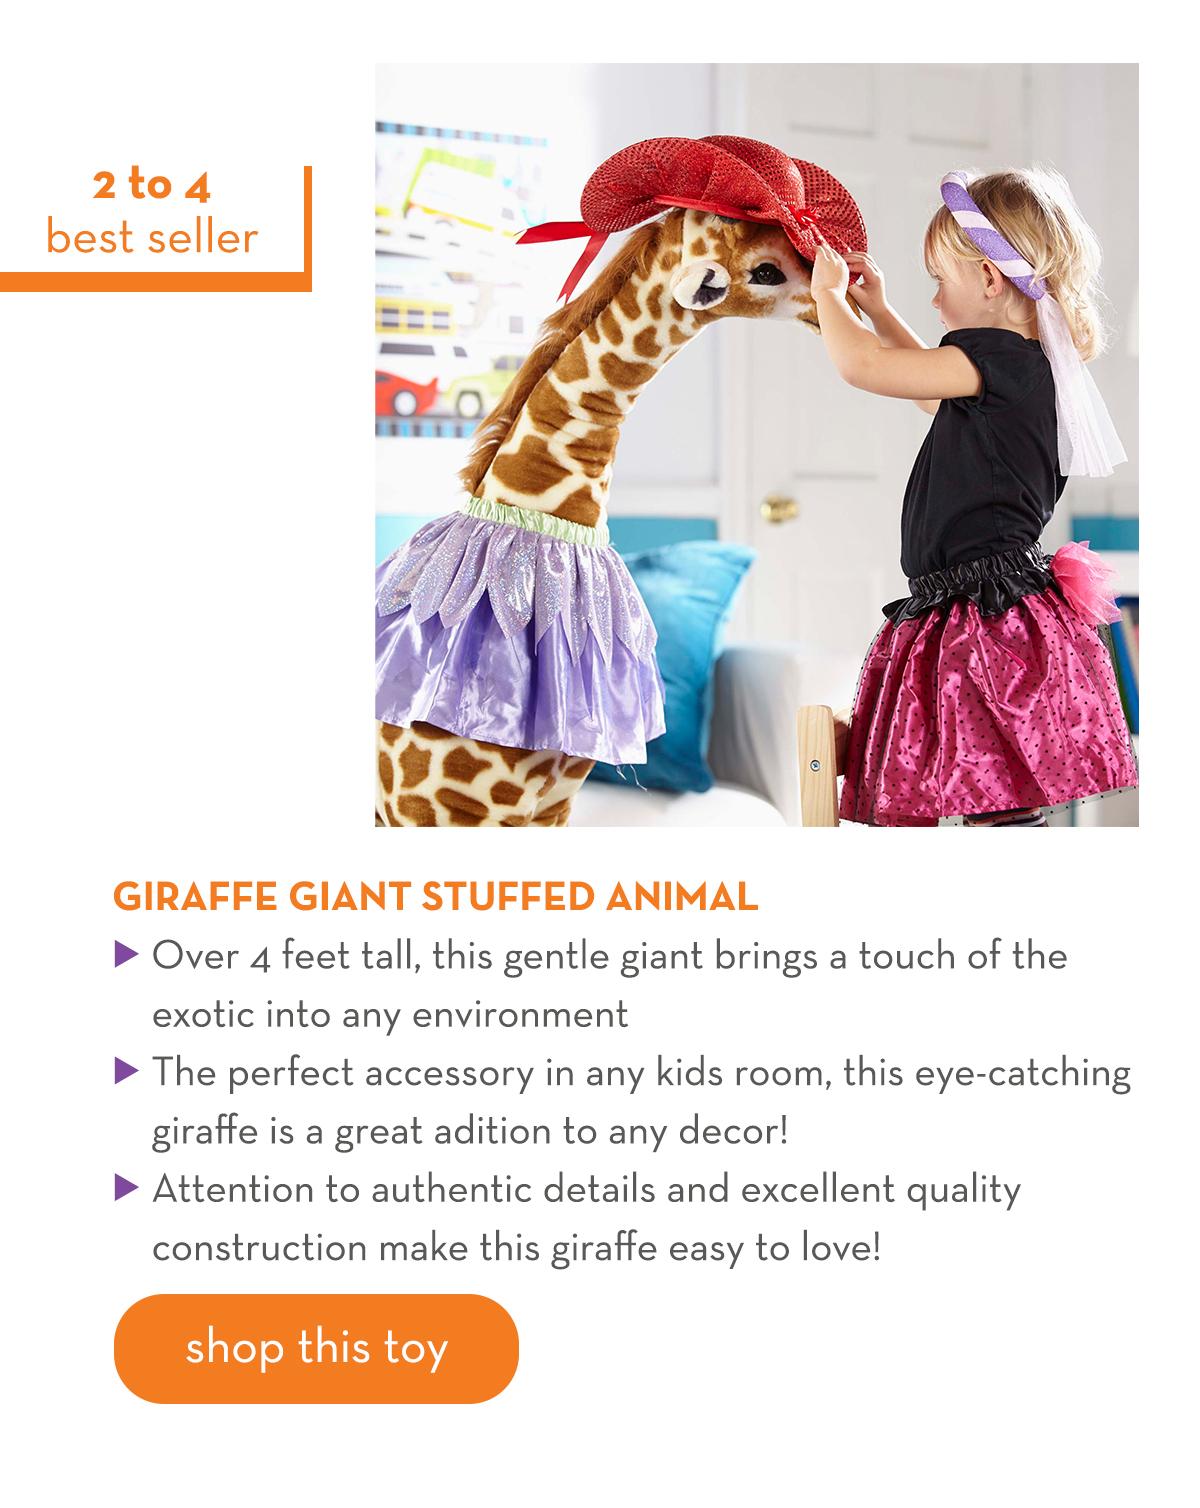 2 to 4 Best Seller - Giraffe Giant Stuffed Animal